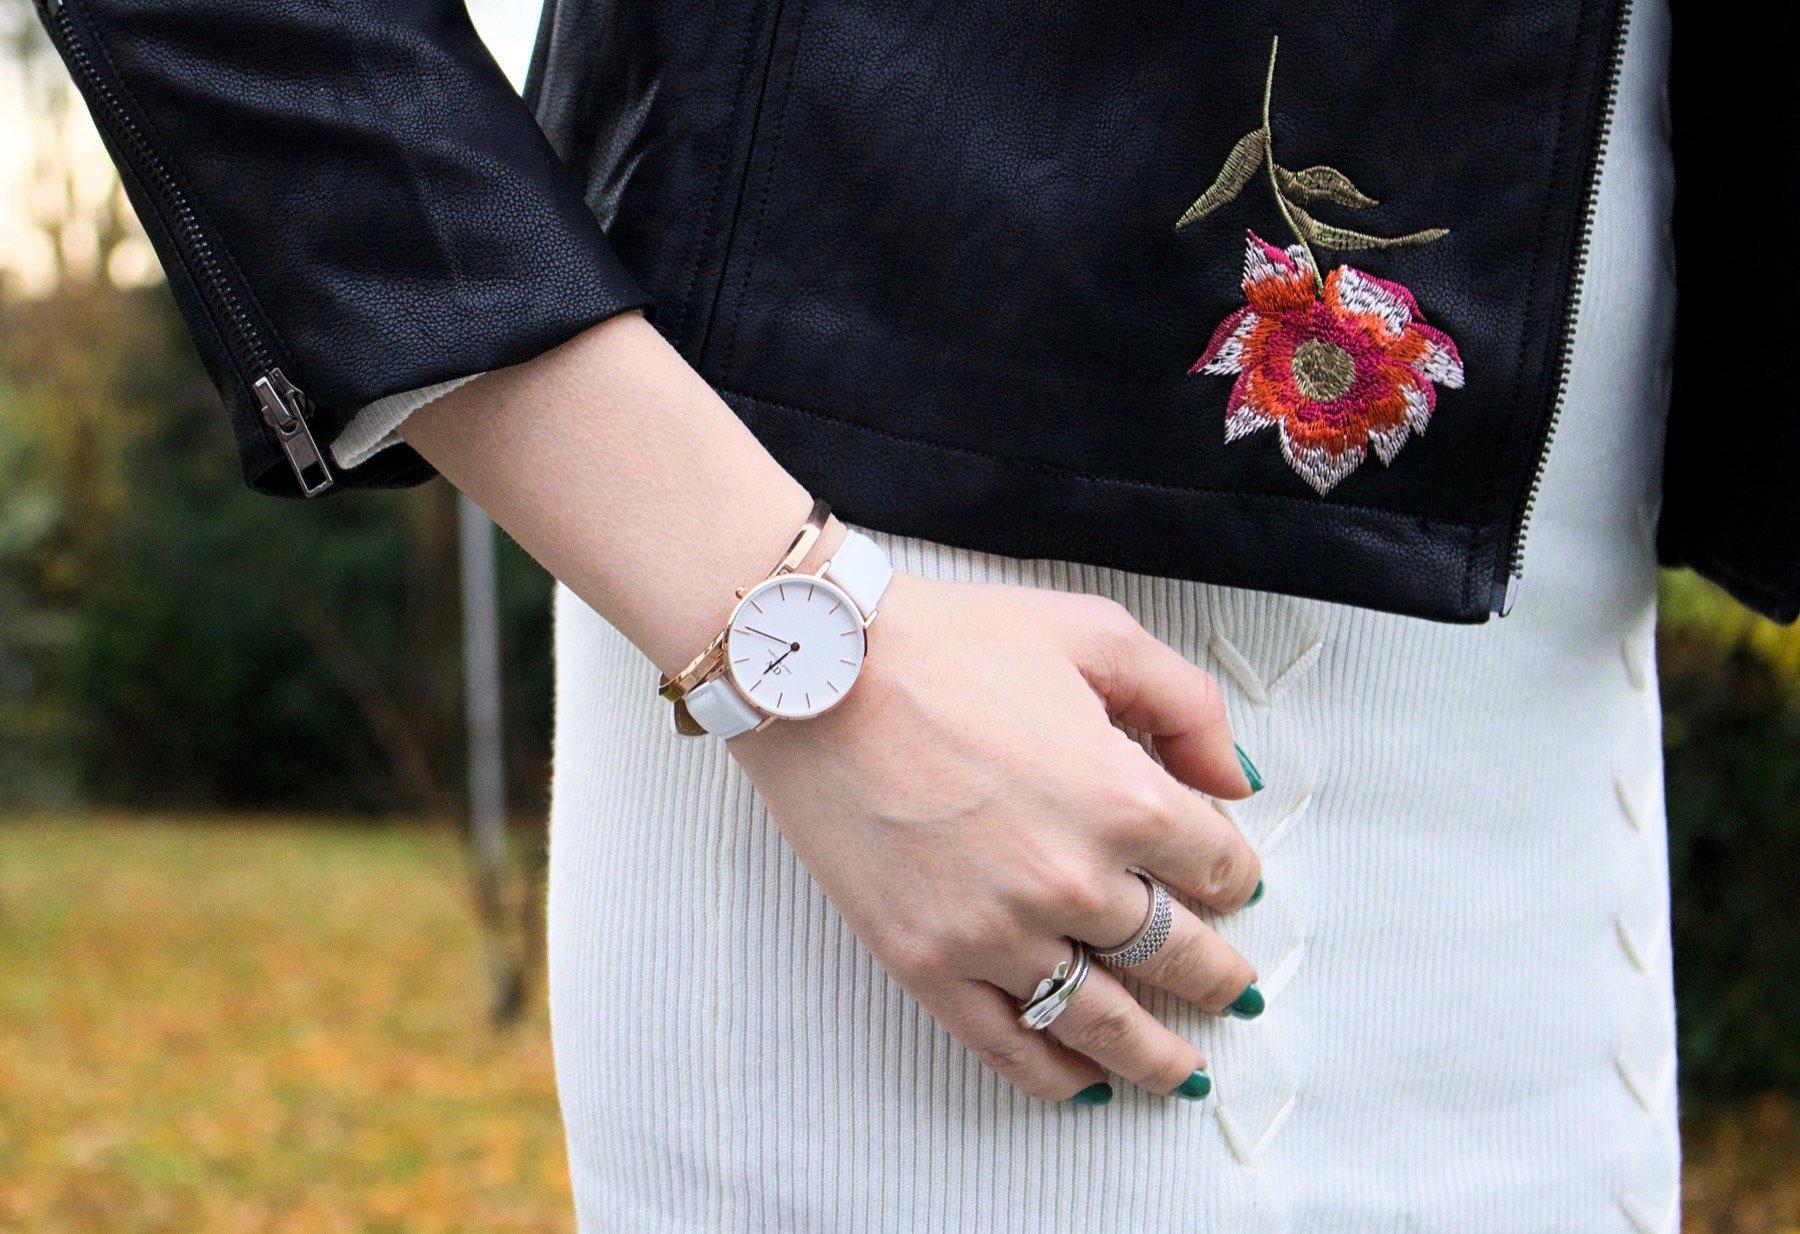 jenna minnie jennaminnie fashionblog danielwellington watch